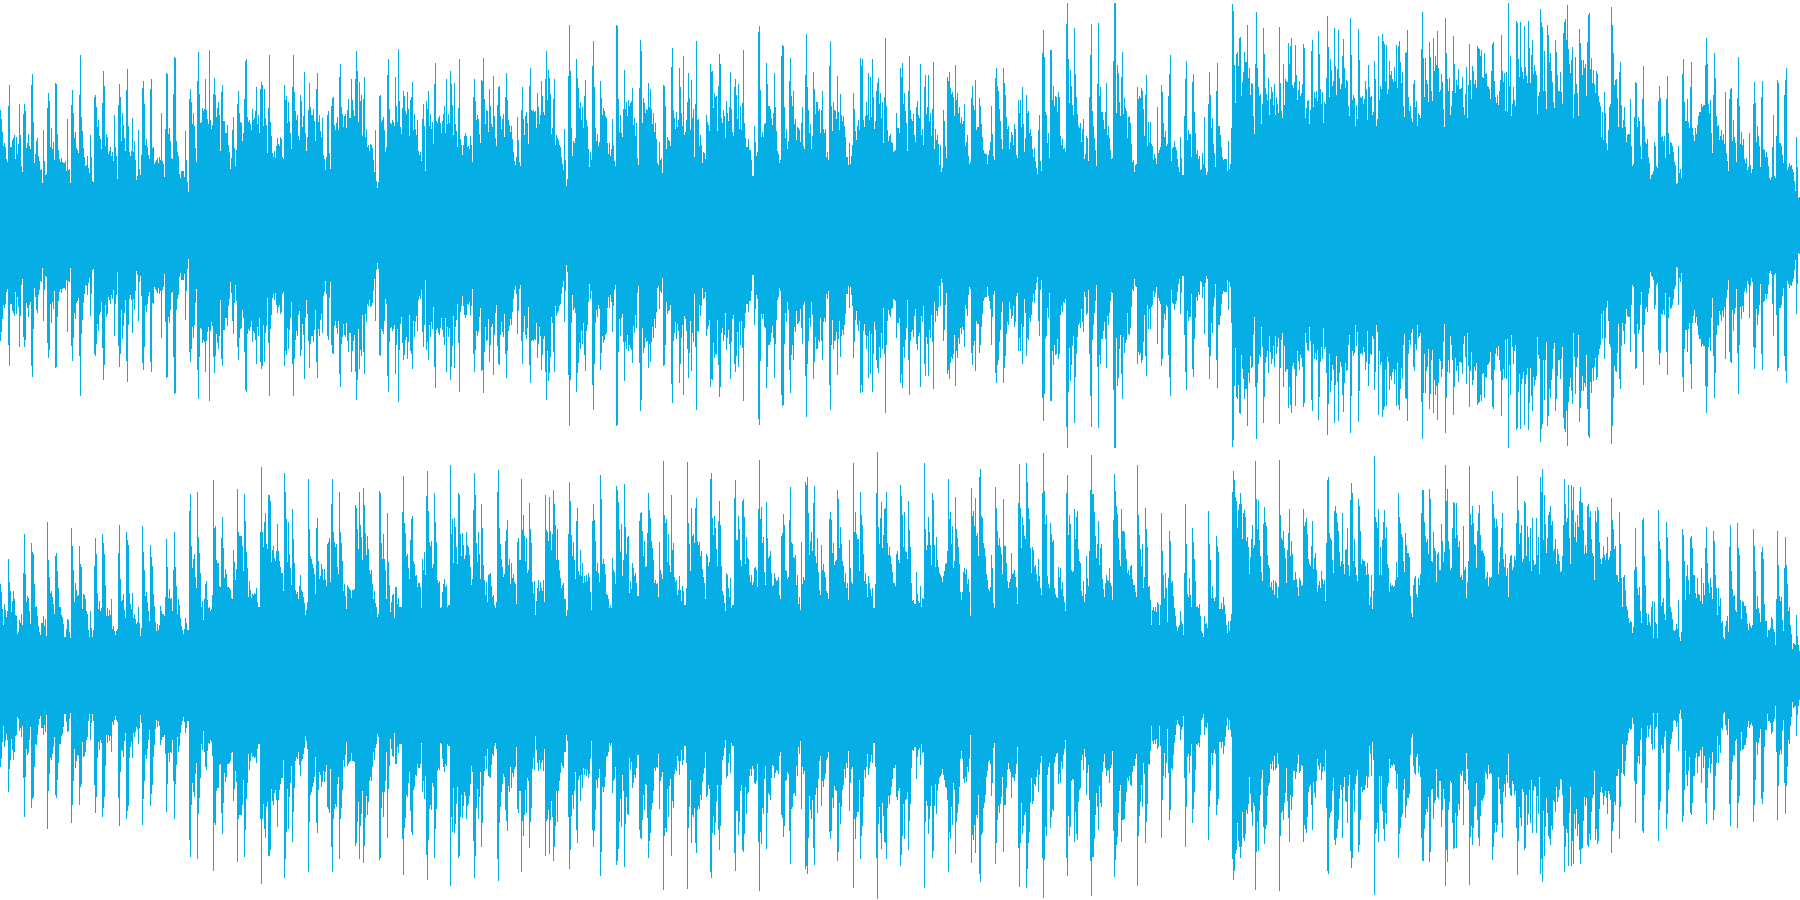 【ループ】不思議な森、幻想的な雰囲気の3の再生済みの波形